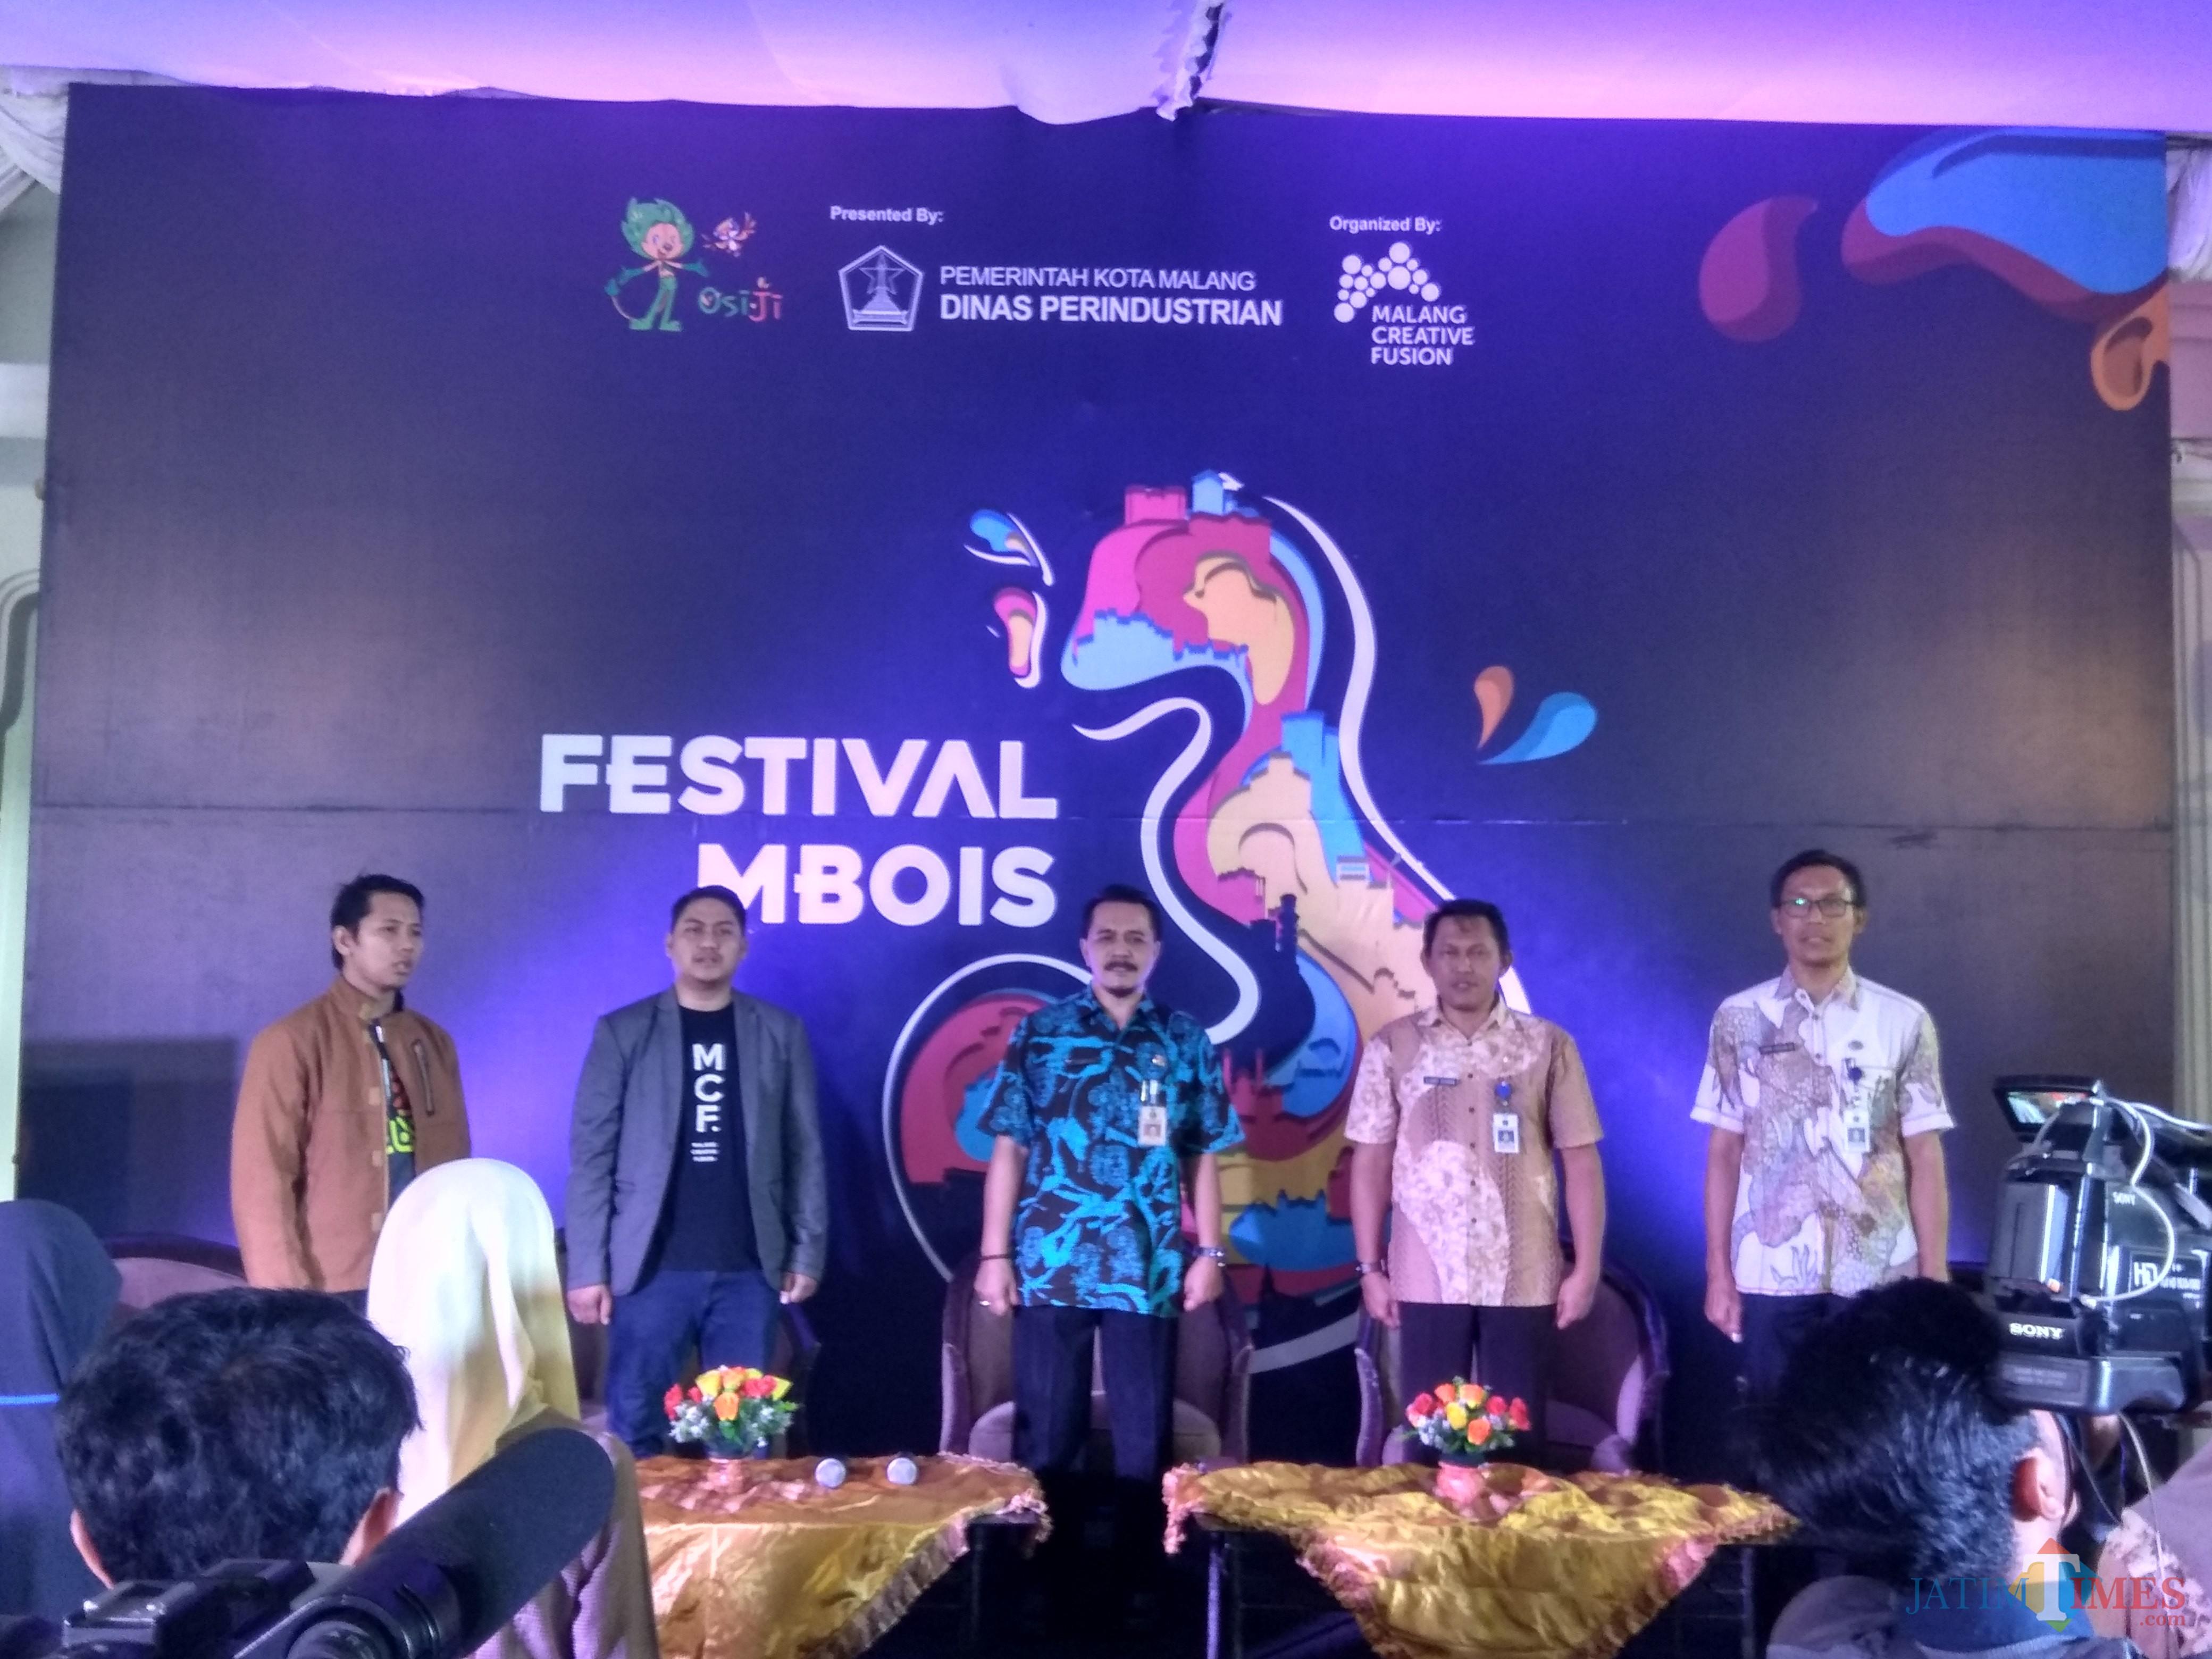 Kepala Dinas Perindustrian Kota Malang, Subkhan (tengah) saat membuka Festival Malang Mbois di Hotel Richie (Hendra Saputra)